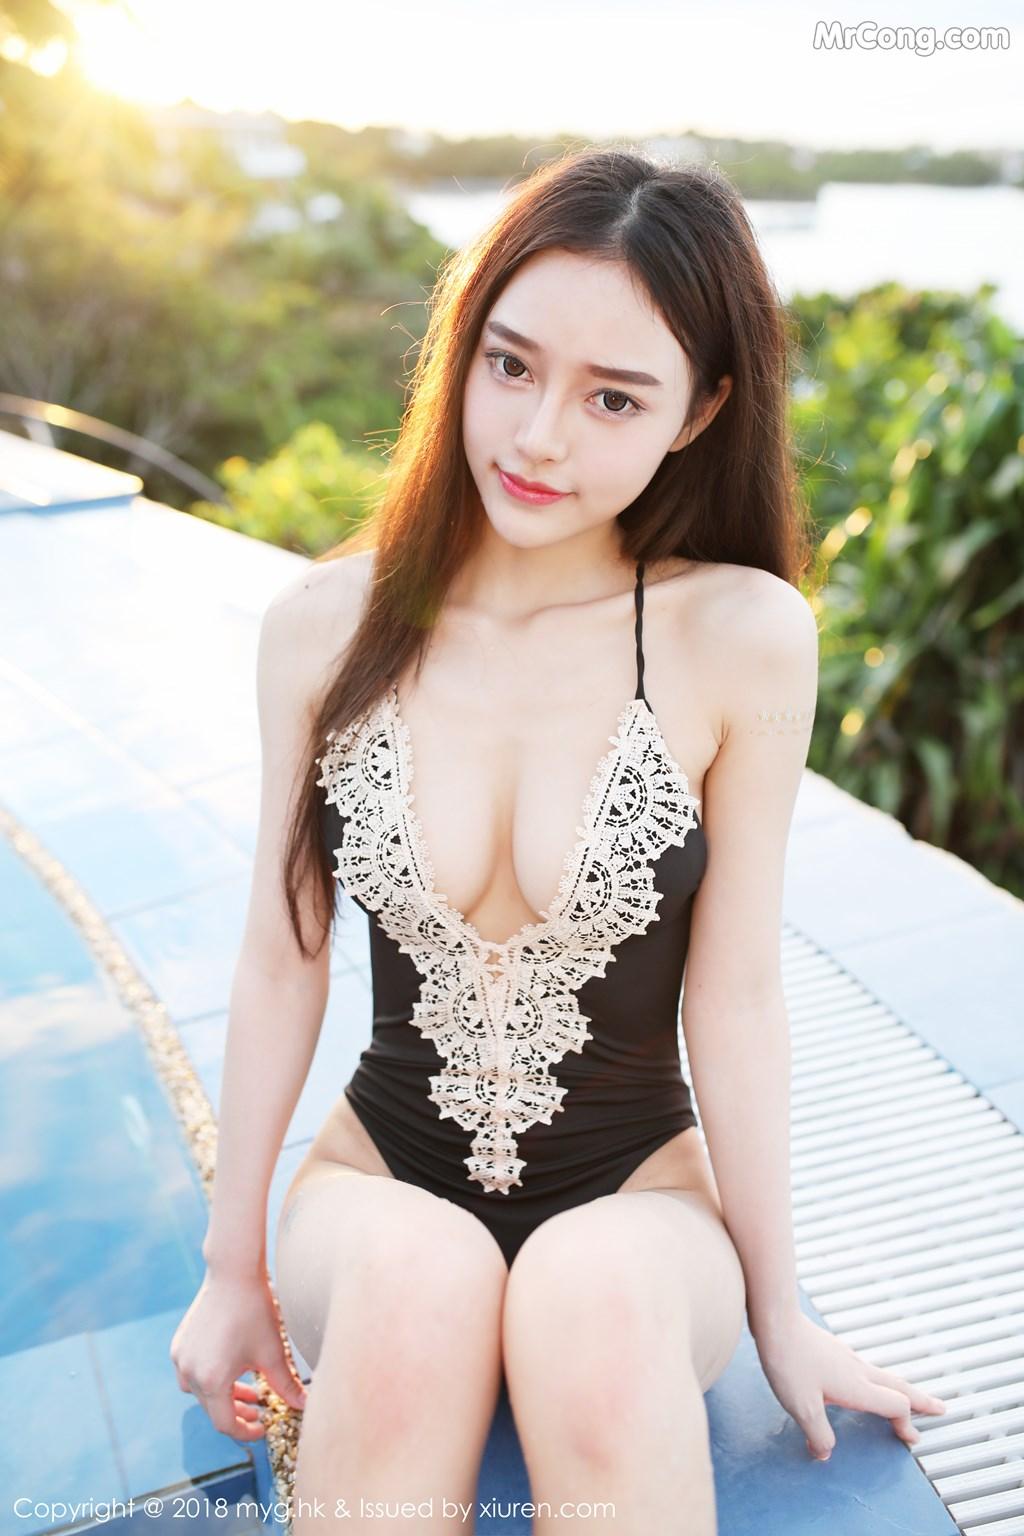 Image MyGirl-Vol.274-Tang-Qi-Er-il-MrCong.com-004 in post MyGirl Vol.274: Người mẫu Tang Qi Er (唐琪儿il) (54 ảnh)